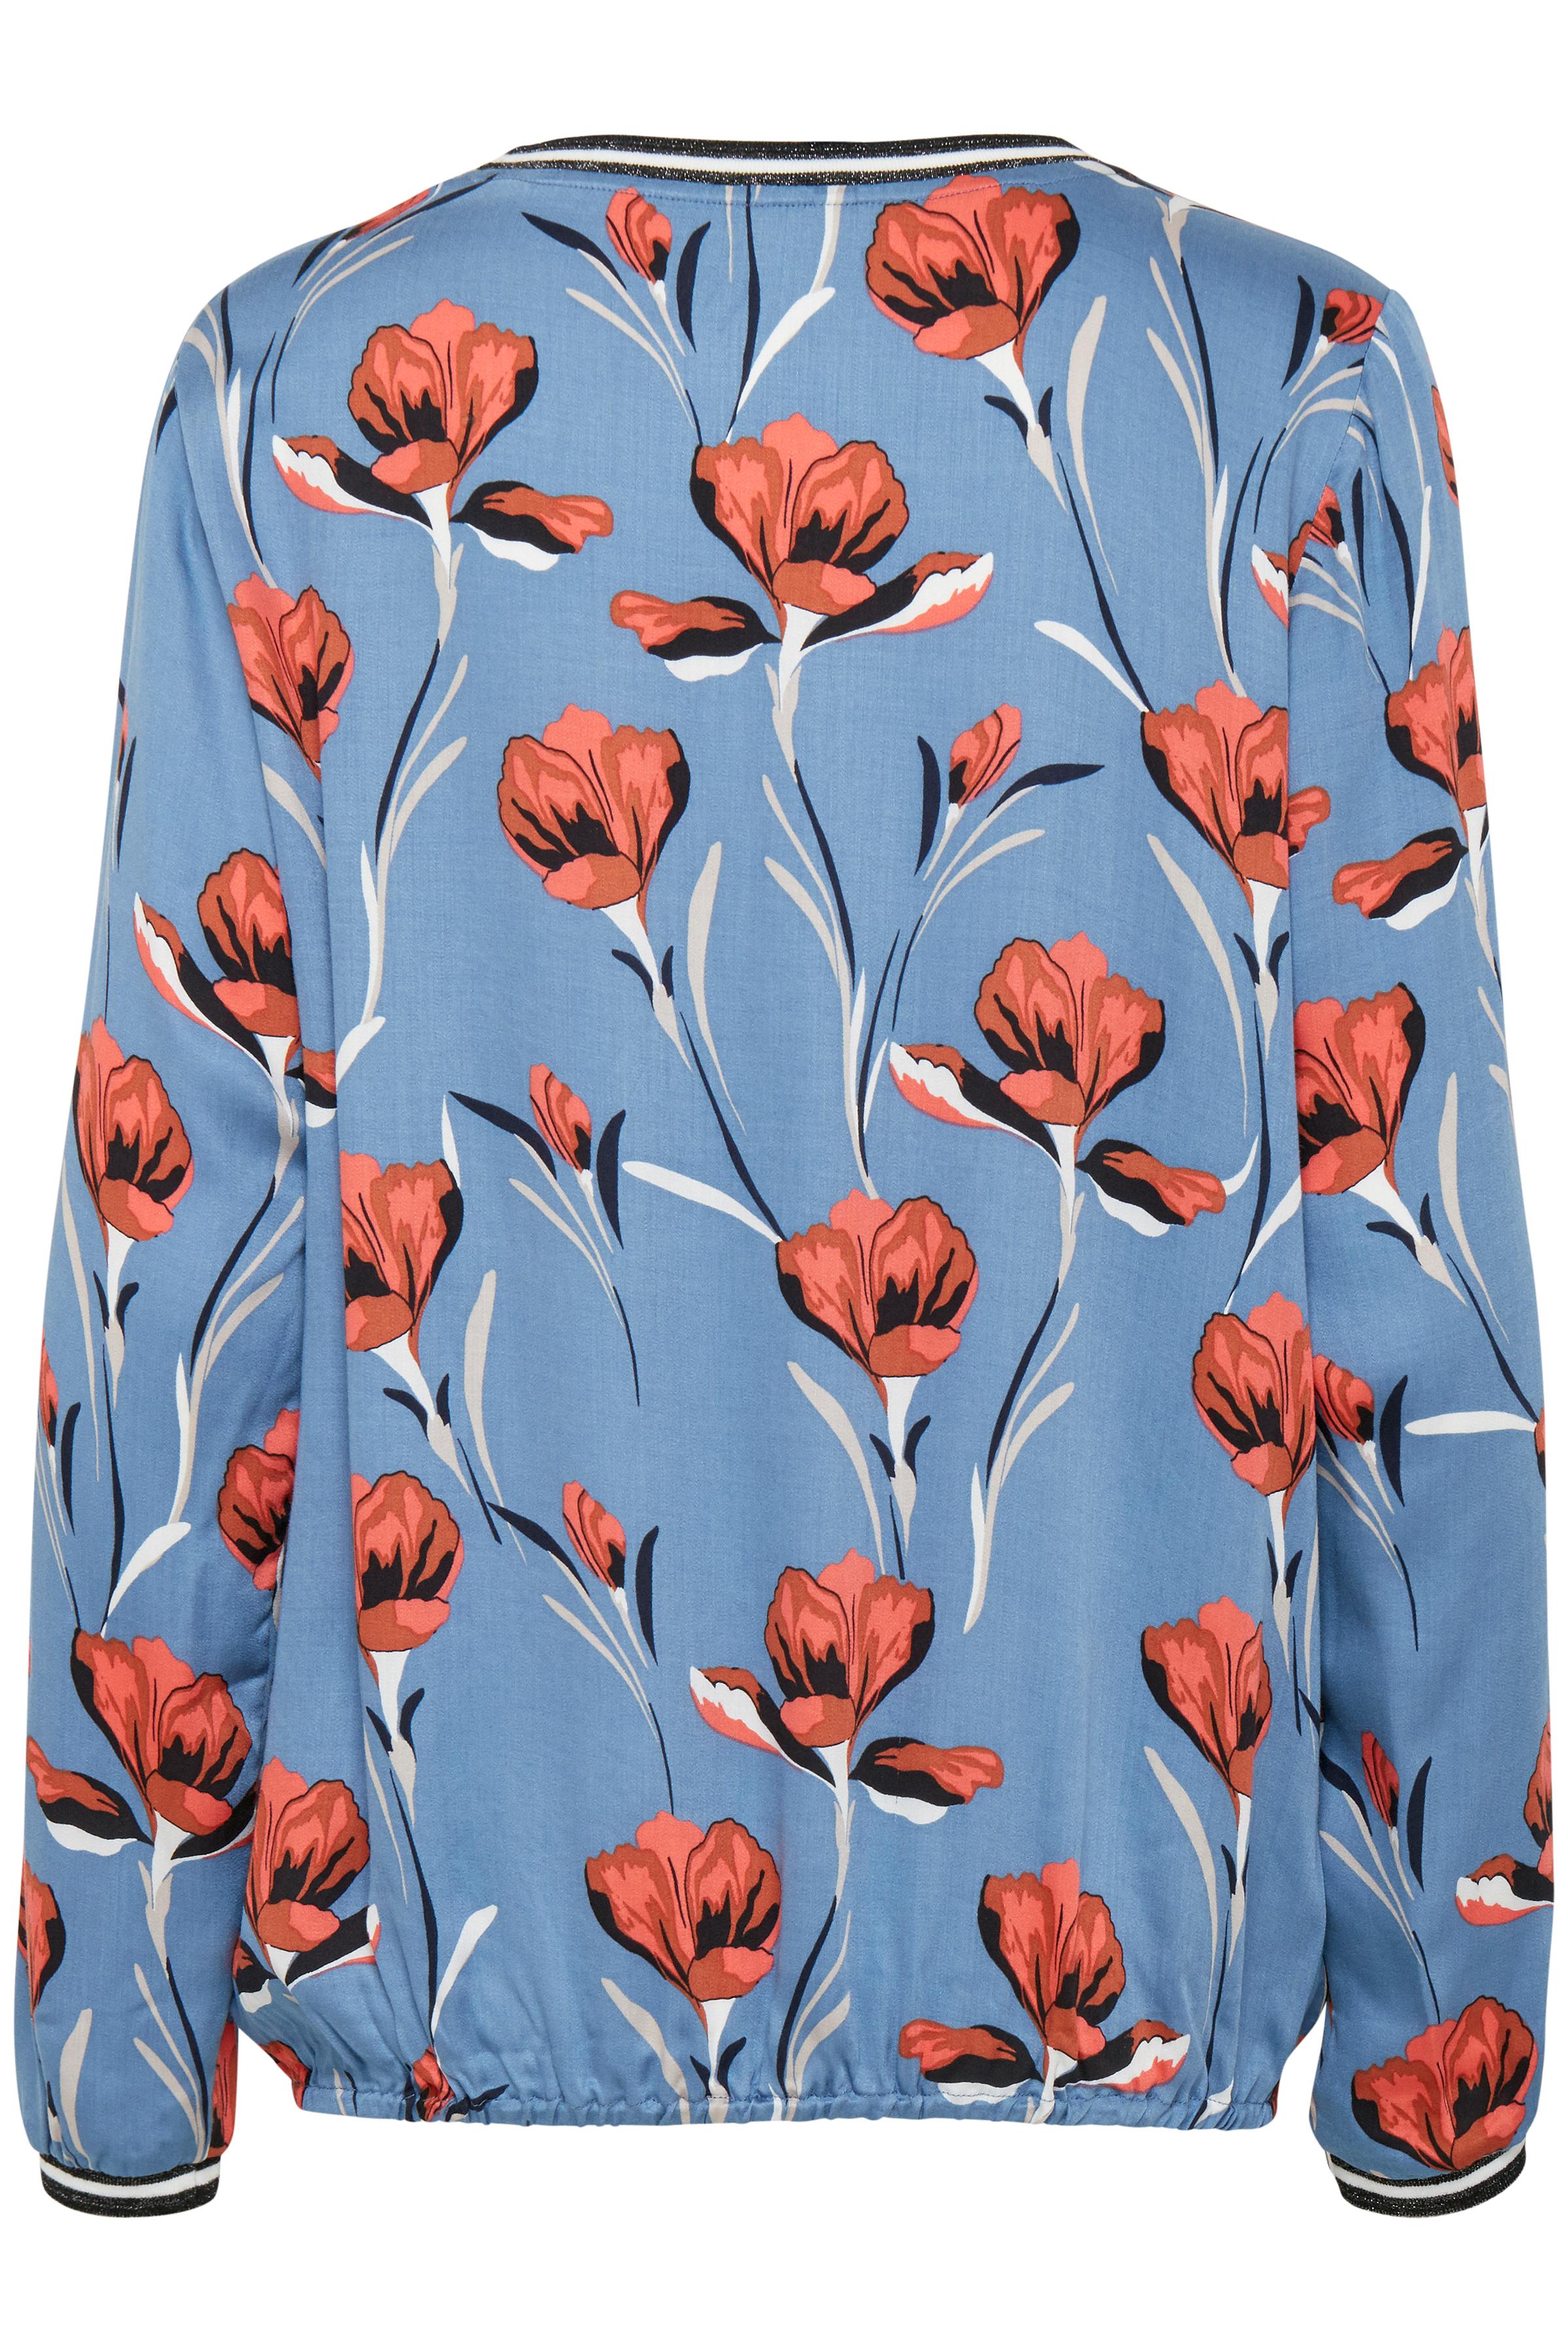 Blågrå/bränd röd Långärmad blus  från Pulz Jeans – Köp Blågrå/bränd röd Långärmad blus  från stl. XS-XXL här